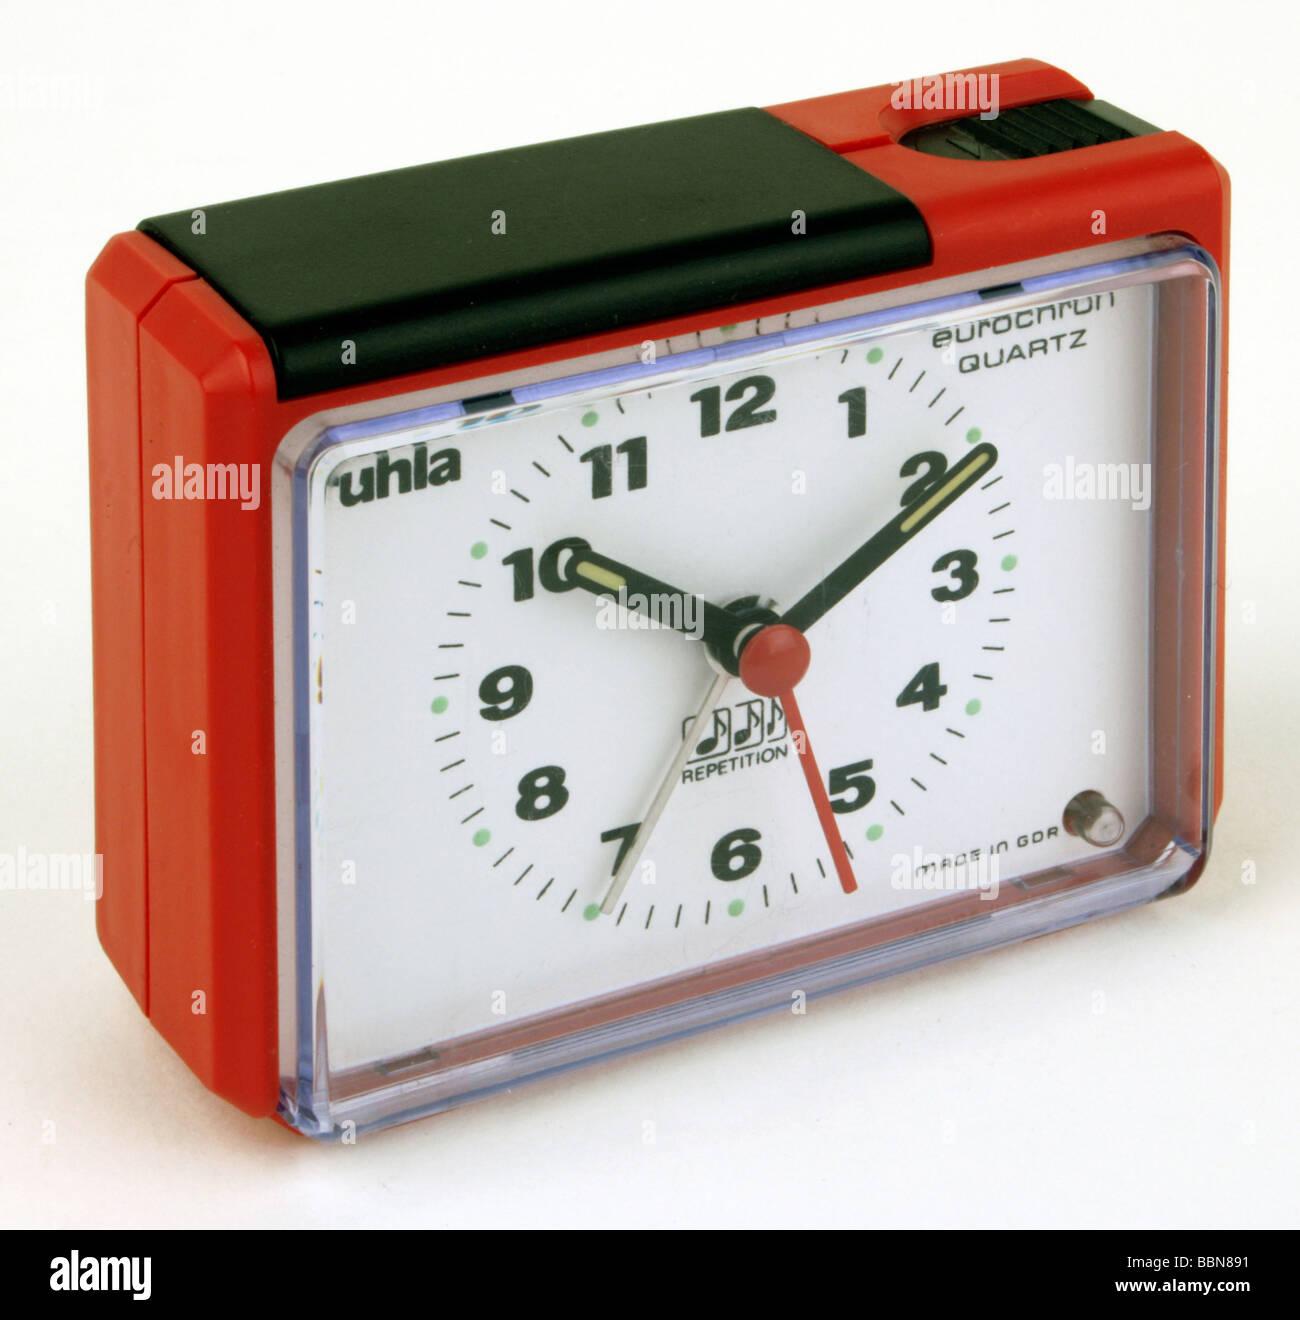 Uhren, Wecker Ruhla-Eurochron Quarz, Kaliber 62-22, von VEB Uhrenwerke Ruhla, DDR, 1980er Jahre, Additional-Rights Stockbild